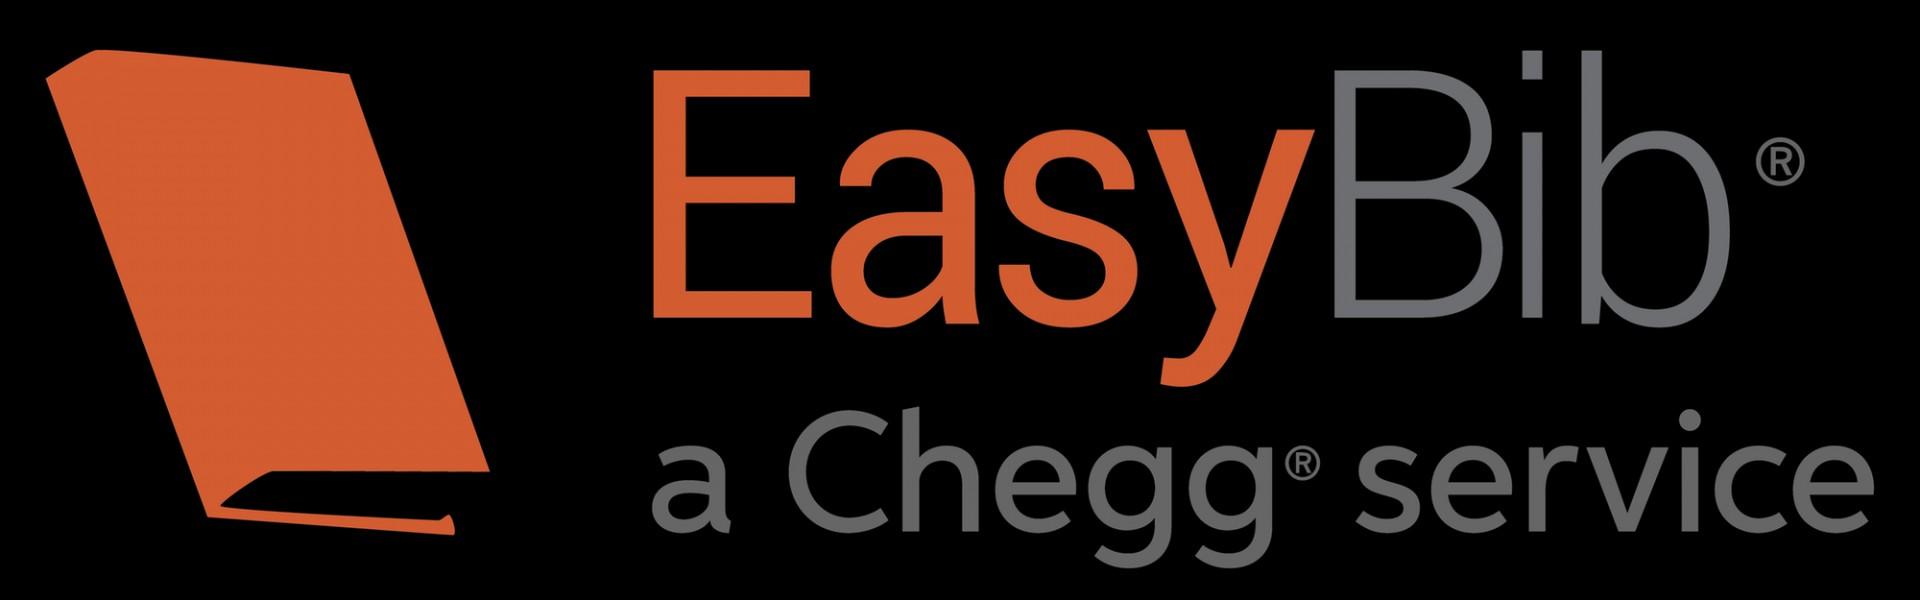 015 Easybib20logo20small20clearwidth2000nameeasybib20logo20small20clear Essay Bib Fearsome Easybib Mla Works Cited Chicago Citation Generator Apa Format 1920